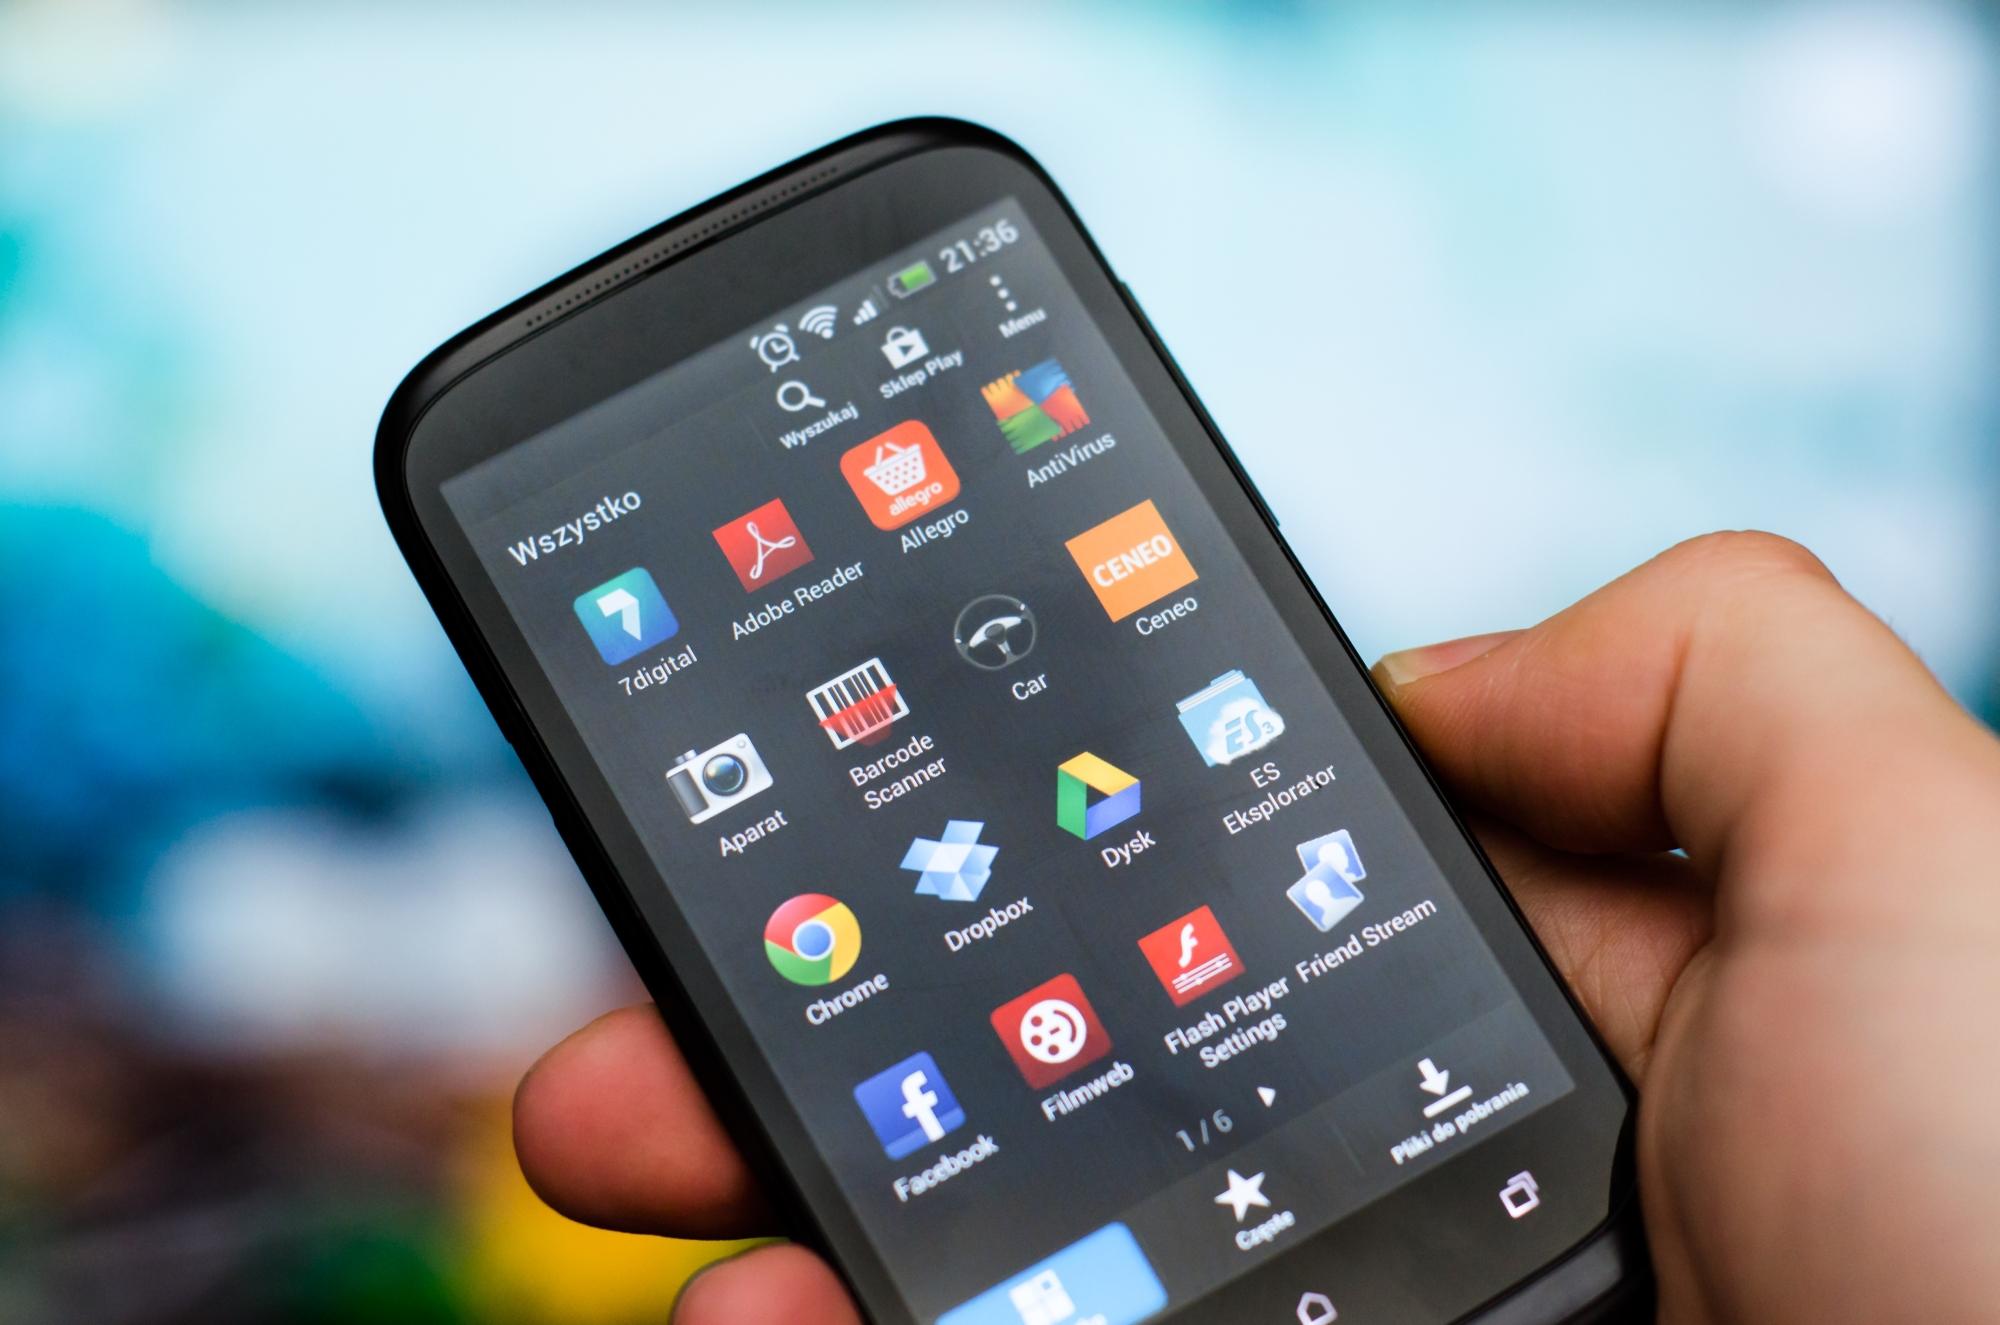 Jeśli tworzysz aplikacje dla Androida, powinieneś je przetestować na prawie 20 000 urządzeń